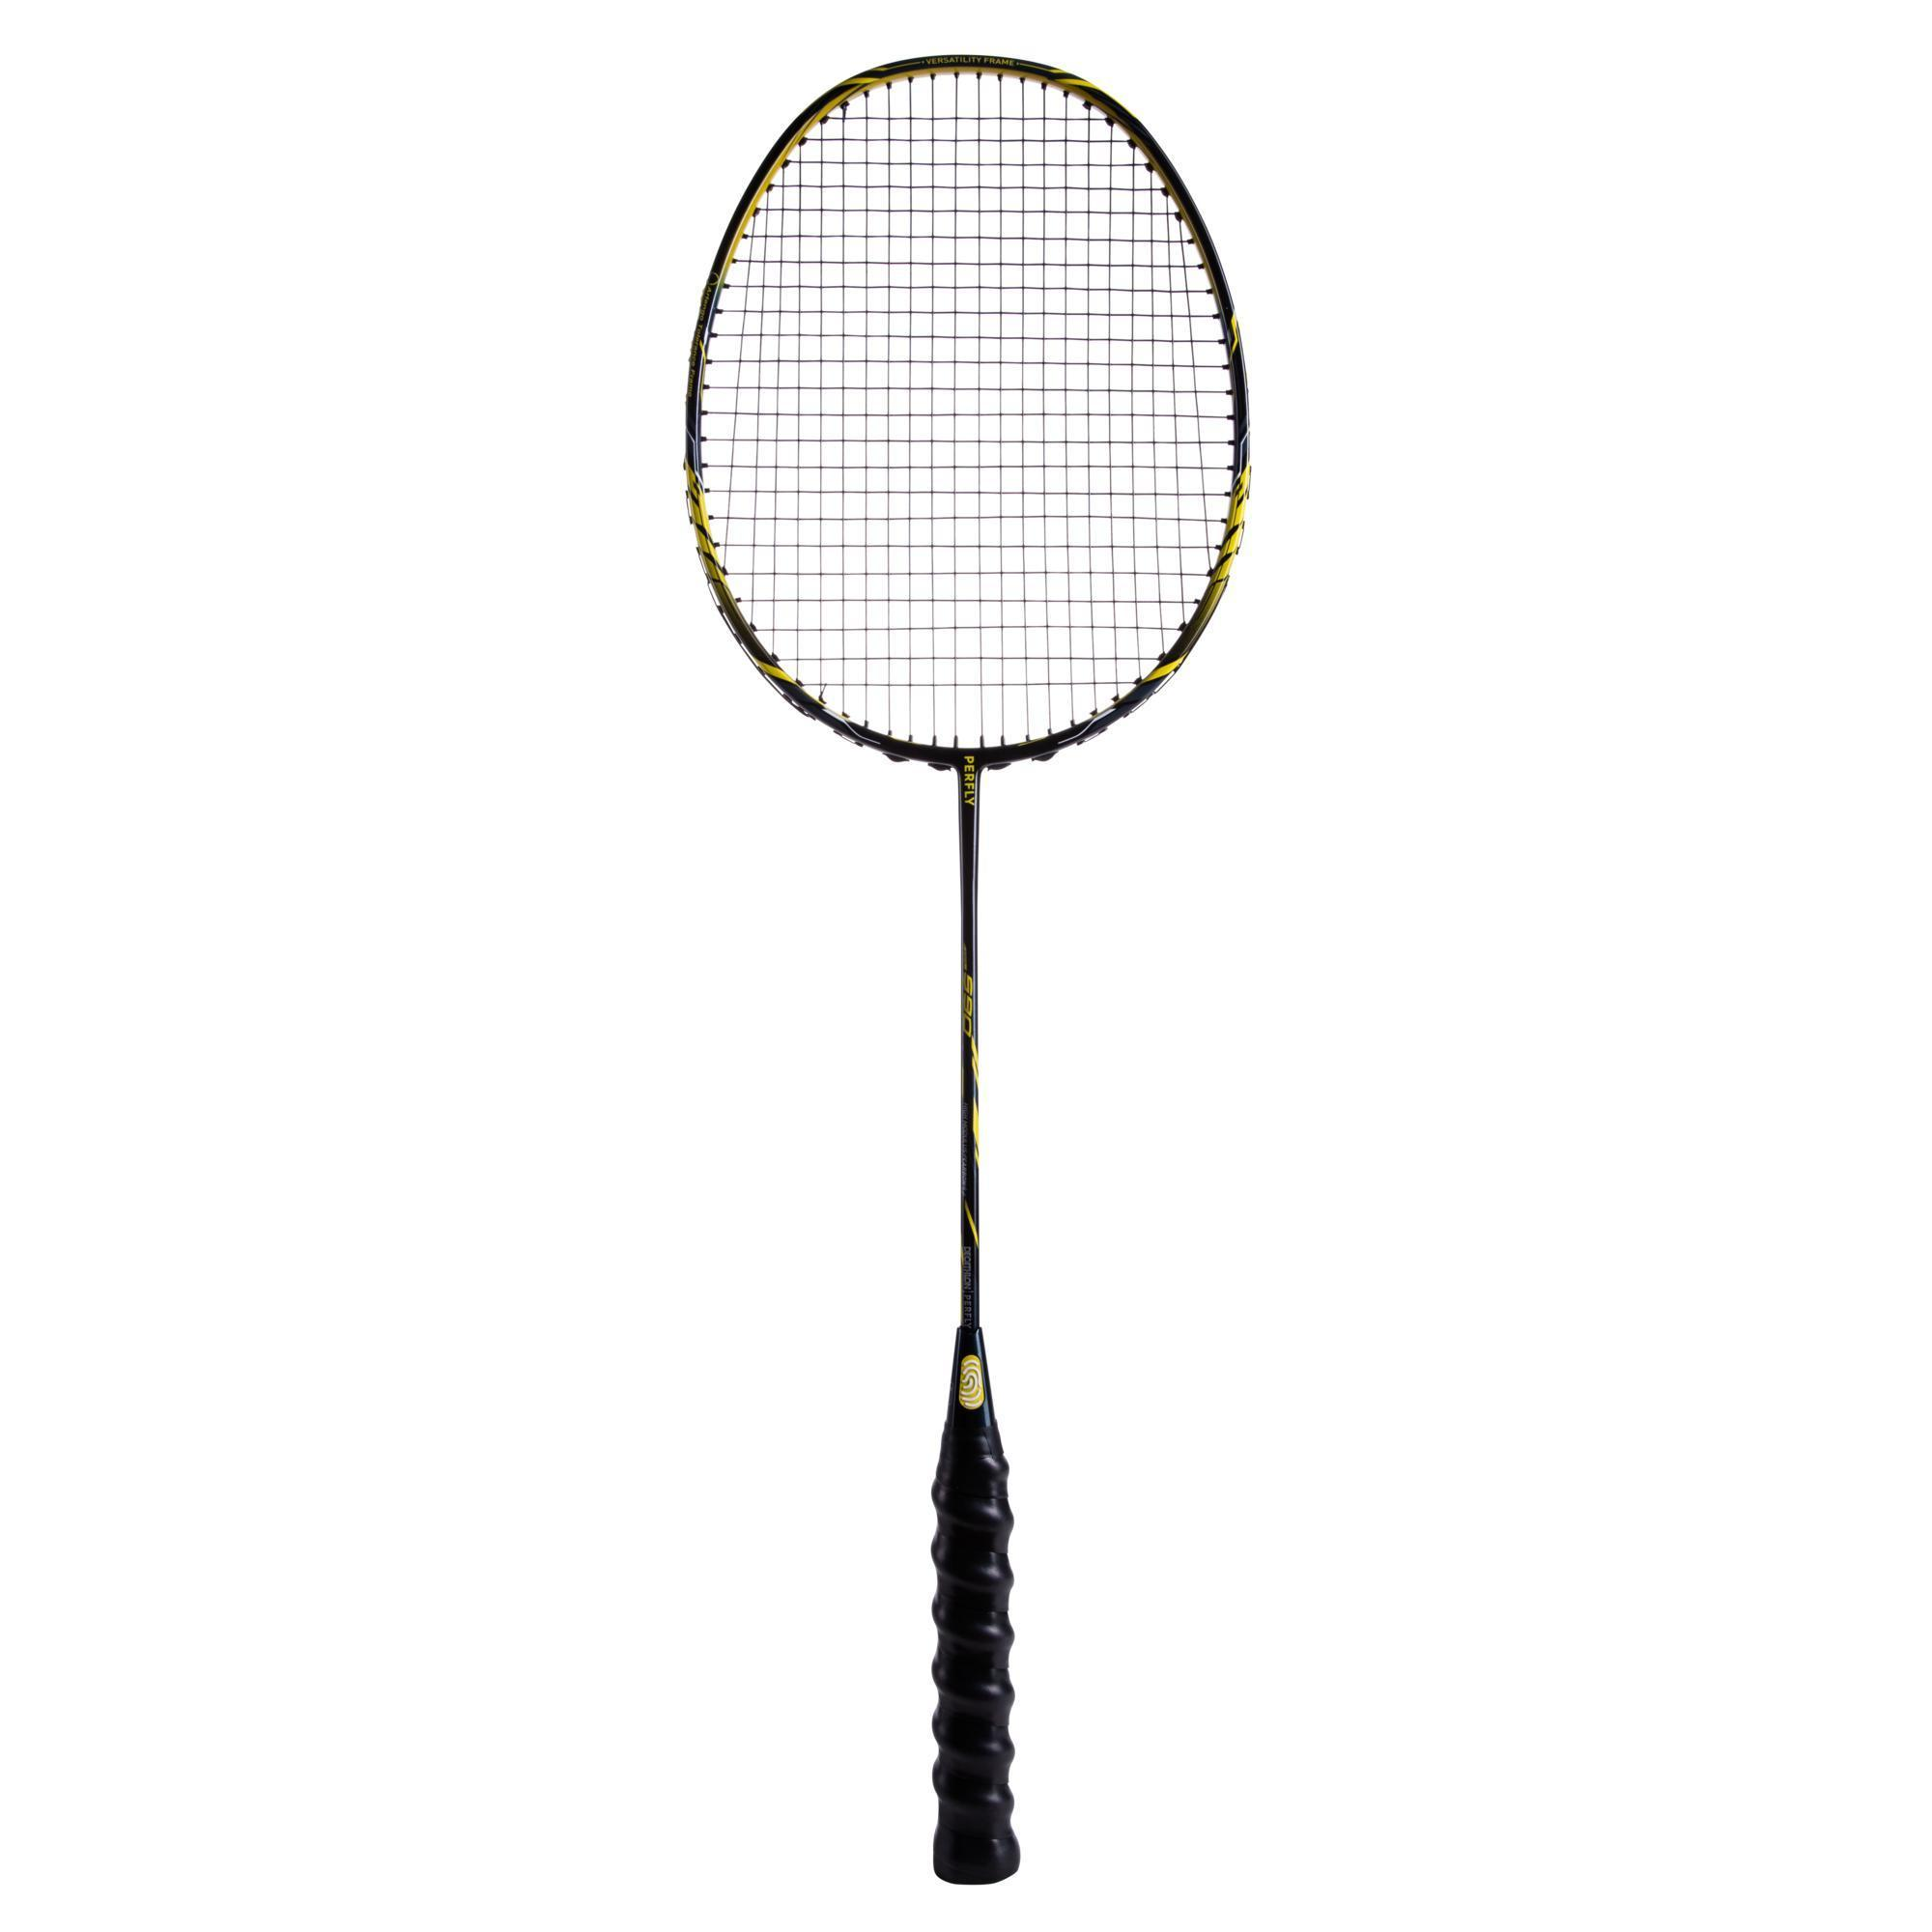 Perfly Badmintonracket BR 860 Artengo kopen